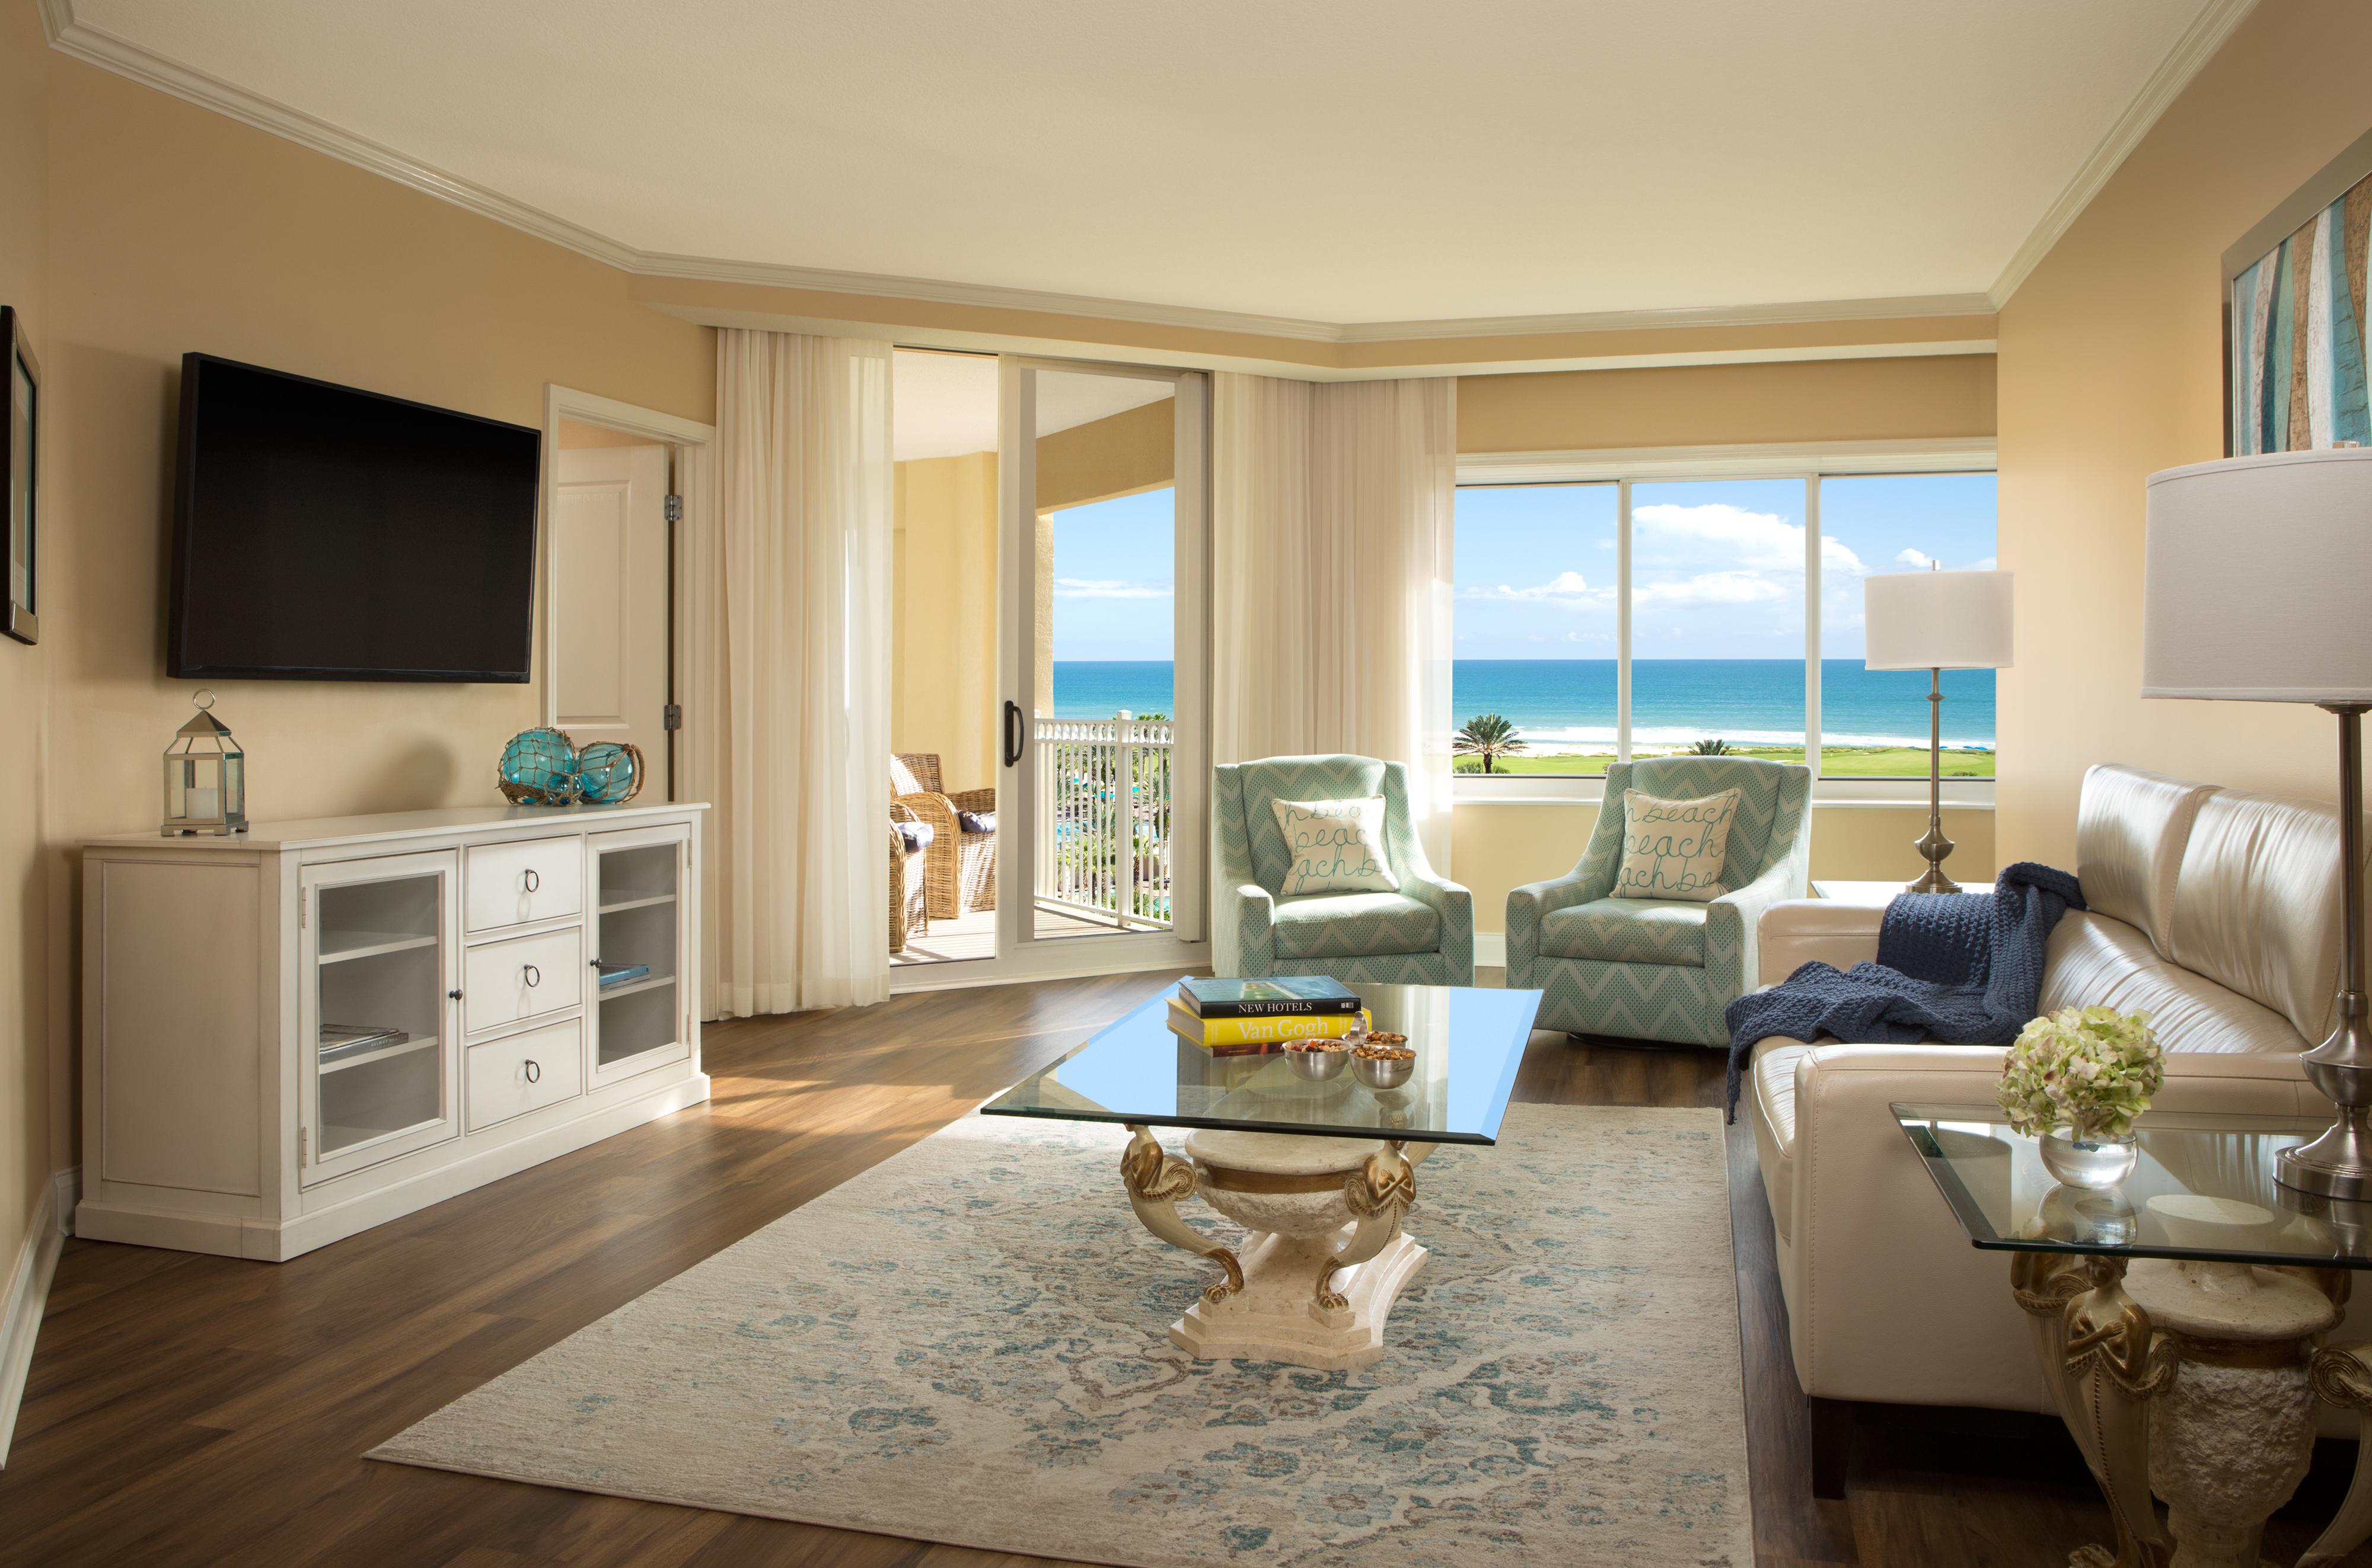 Where_to_Stay_Hammock_Beach_Resort_04b9c